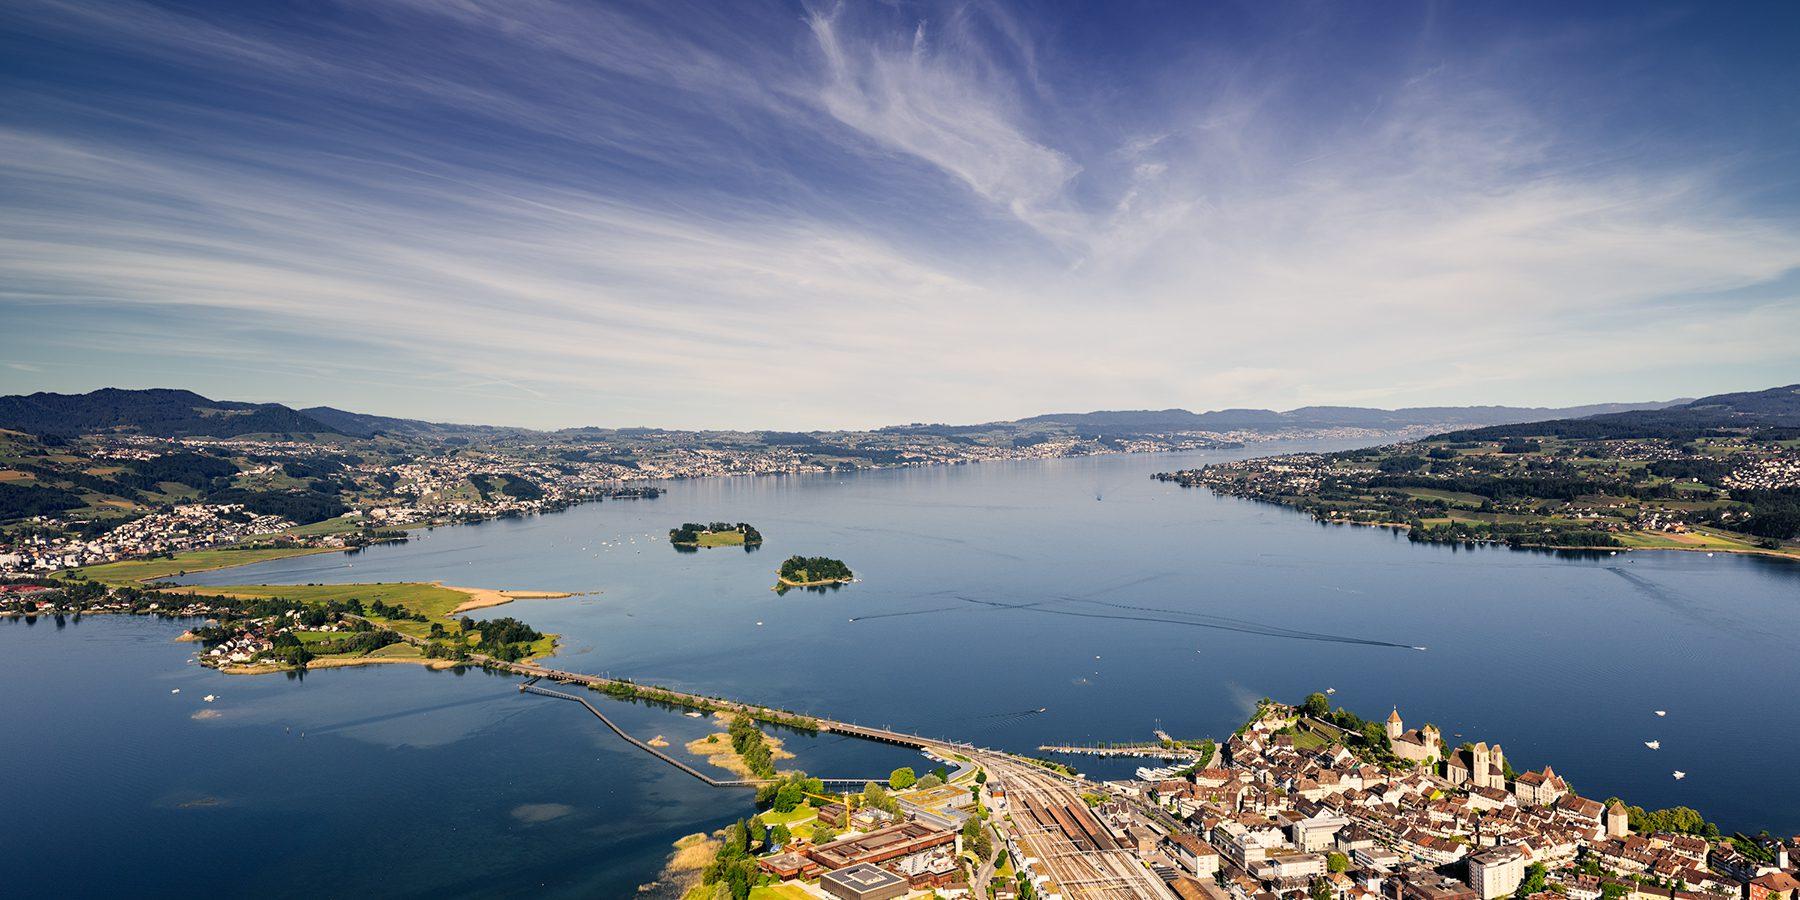 Luftaufnahme mit Helikopter hoch über Rapperswil mit Blick auf Damm, Obersee, Zürichsee, Ufenau und Lützelau